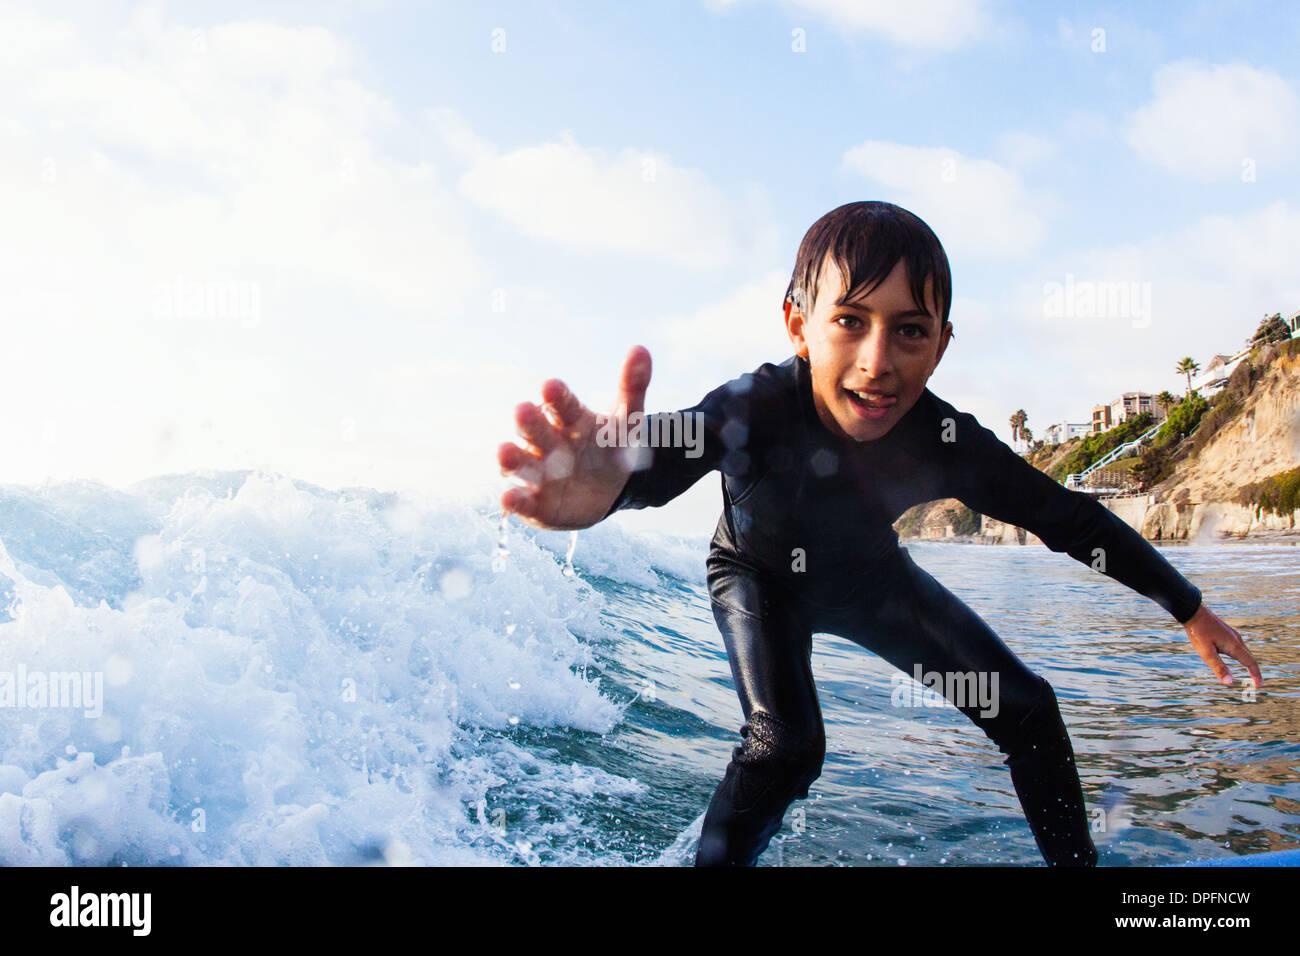 Ragazzo giovane surf, Encinitas, CALIFORNIA, STATI UNITI D'AMERICA Immagini Stock